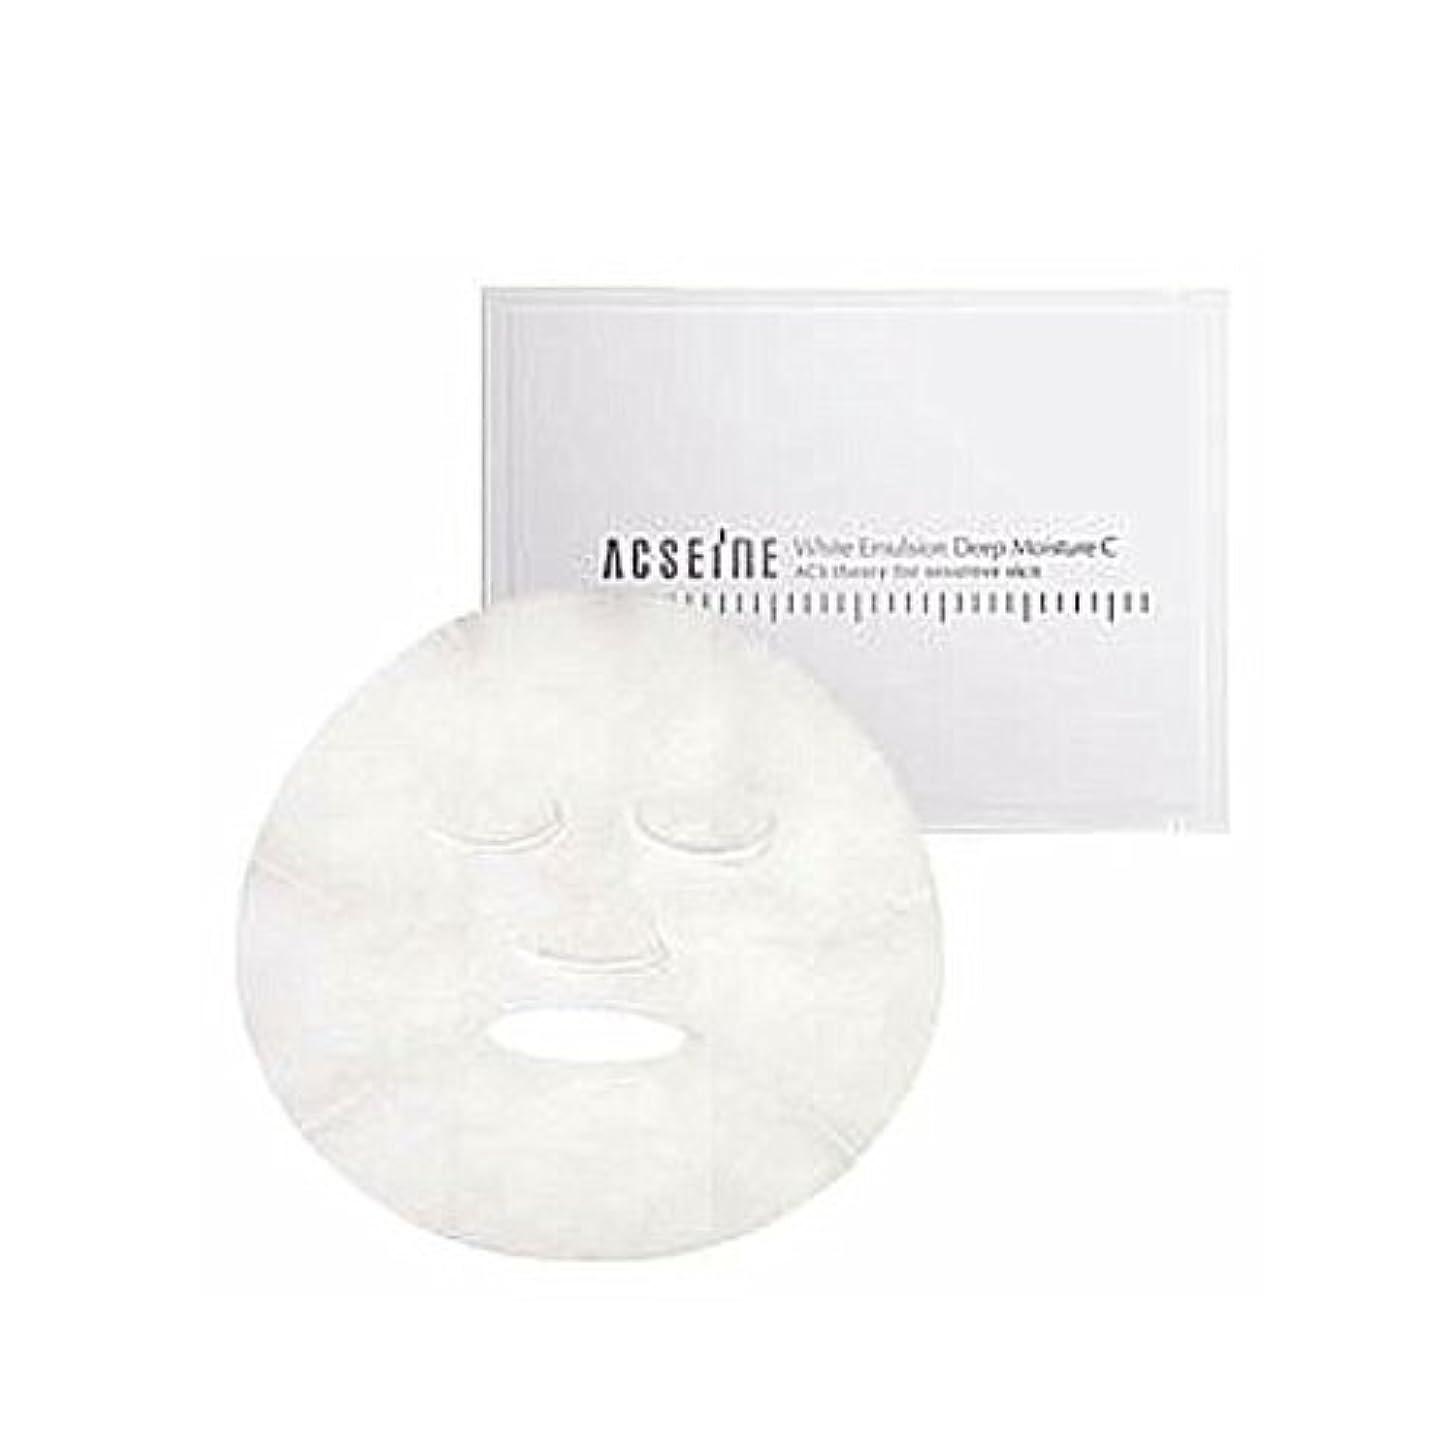 ヒステリックスキーメロンアクセーヌ ホワイト エマルジョン ディープ モイスチュア C マスク 22mL×8枚